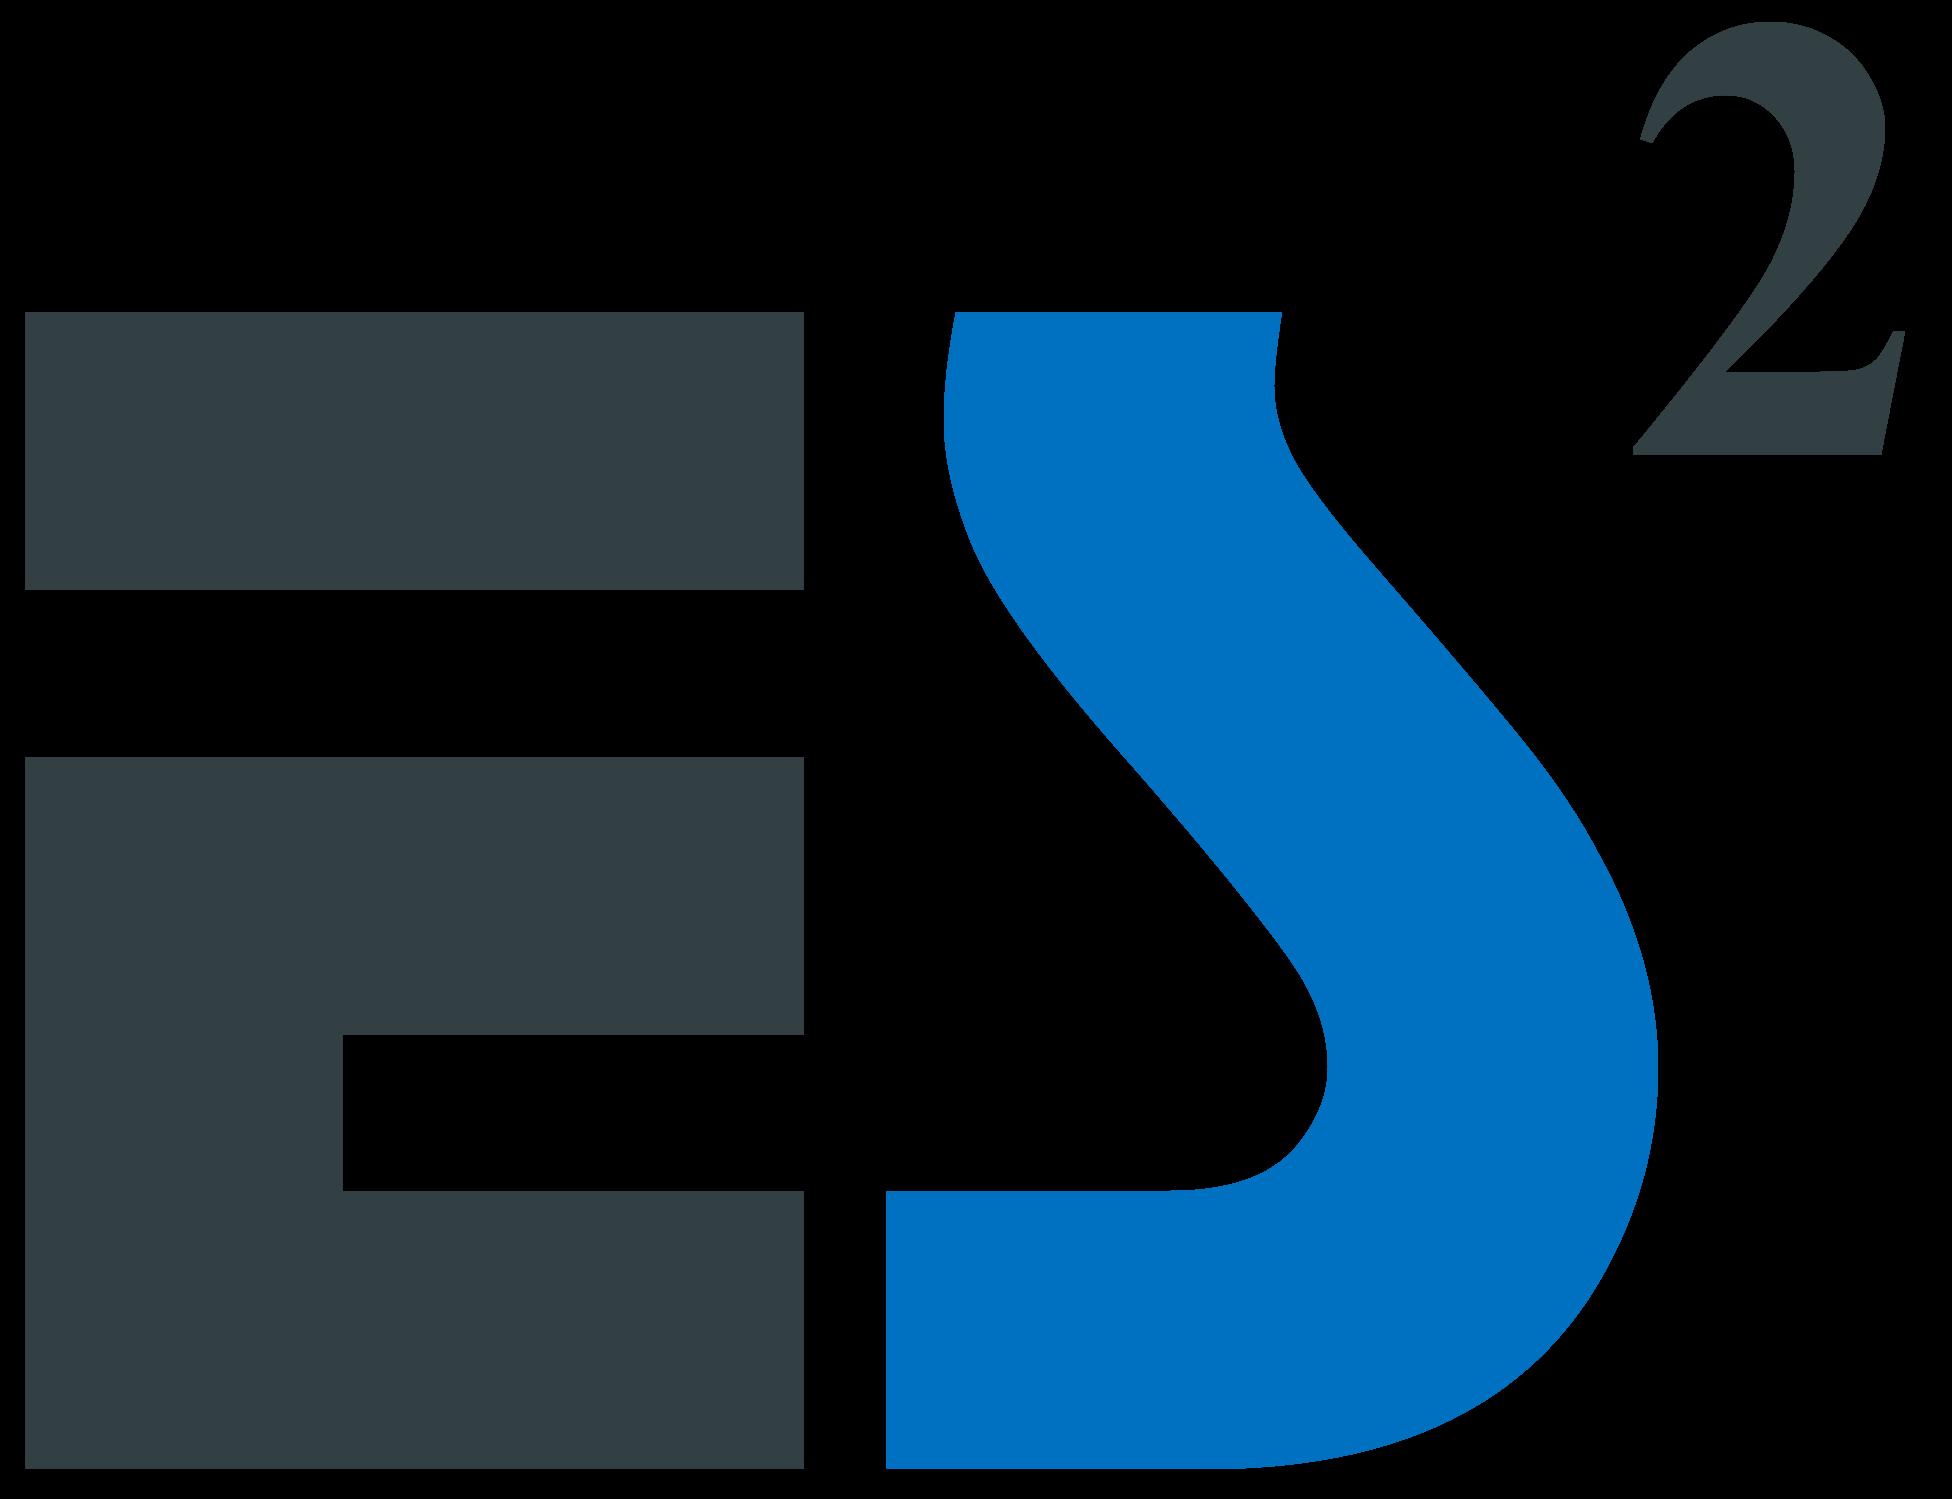 ES2-logo-hi-res